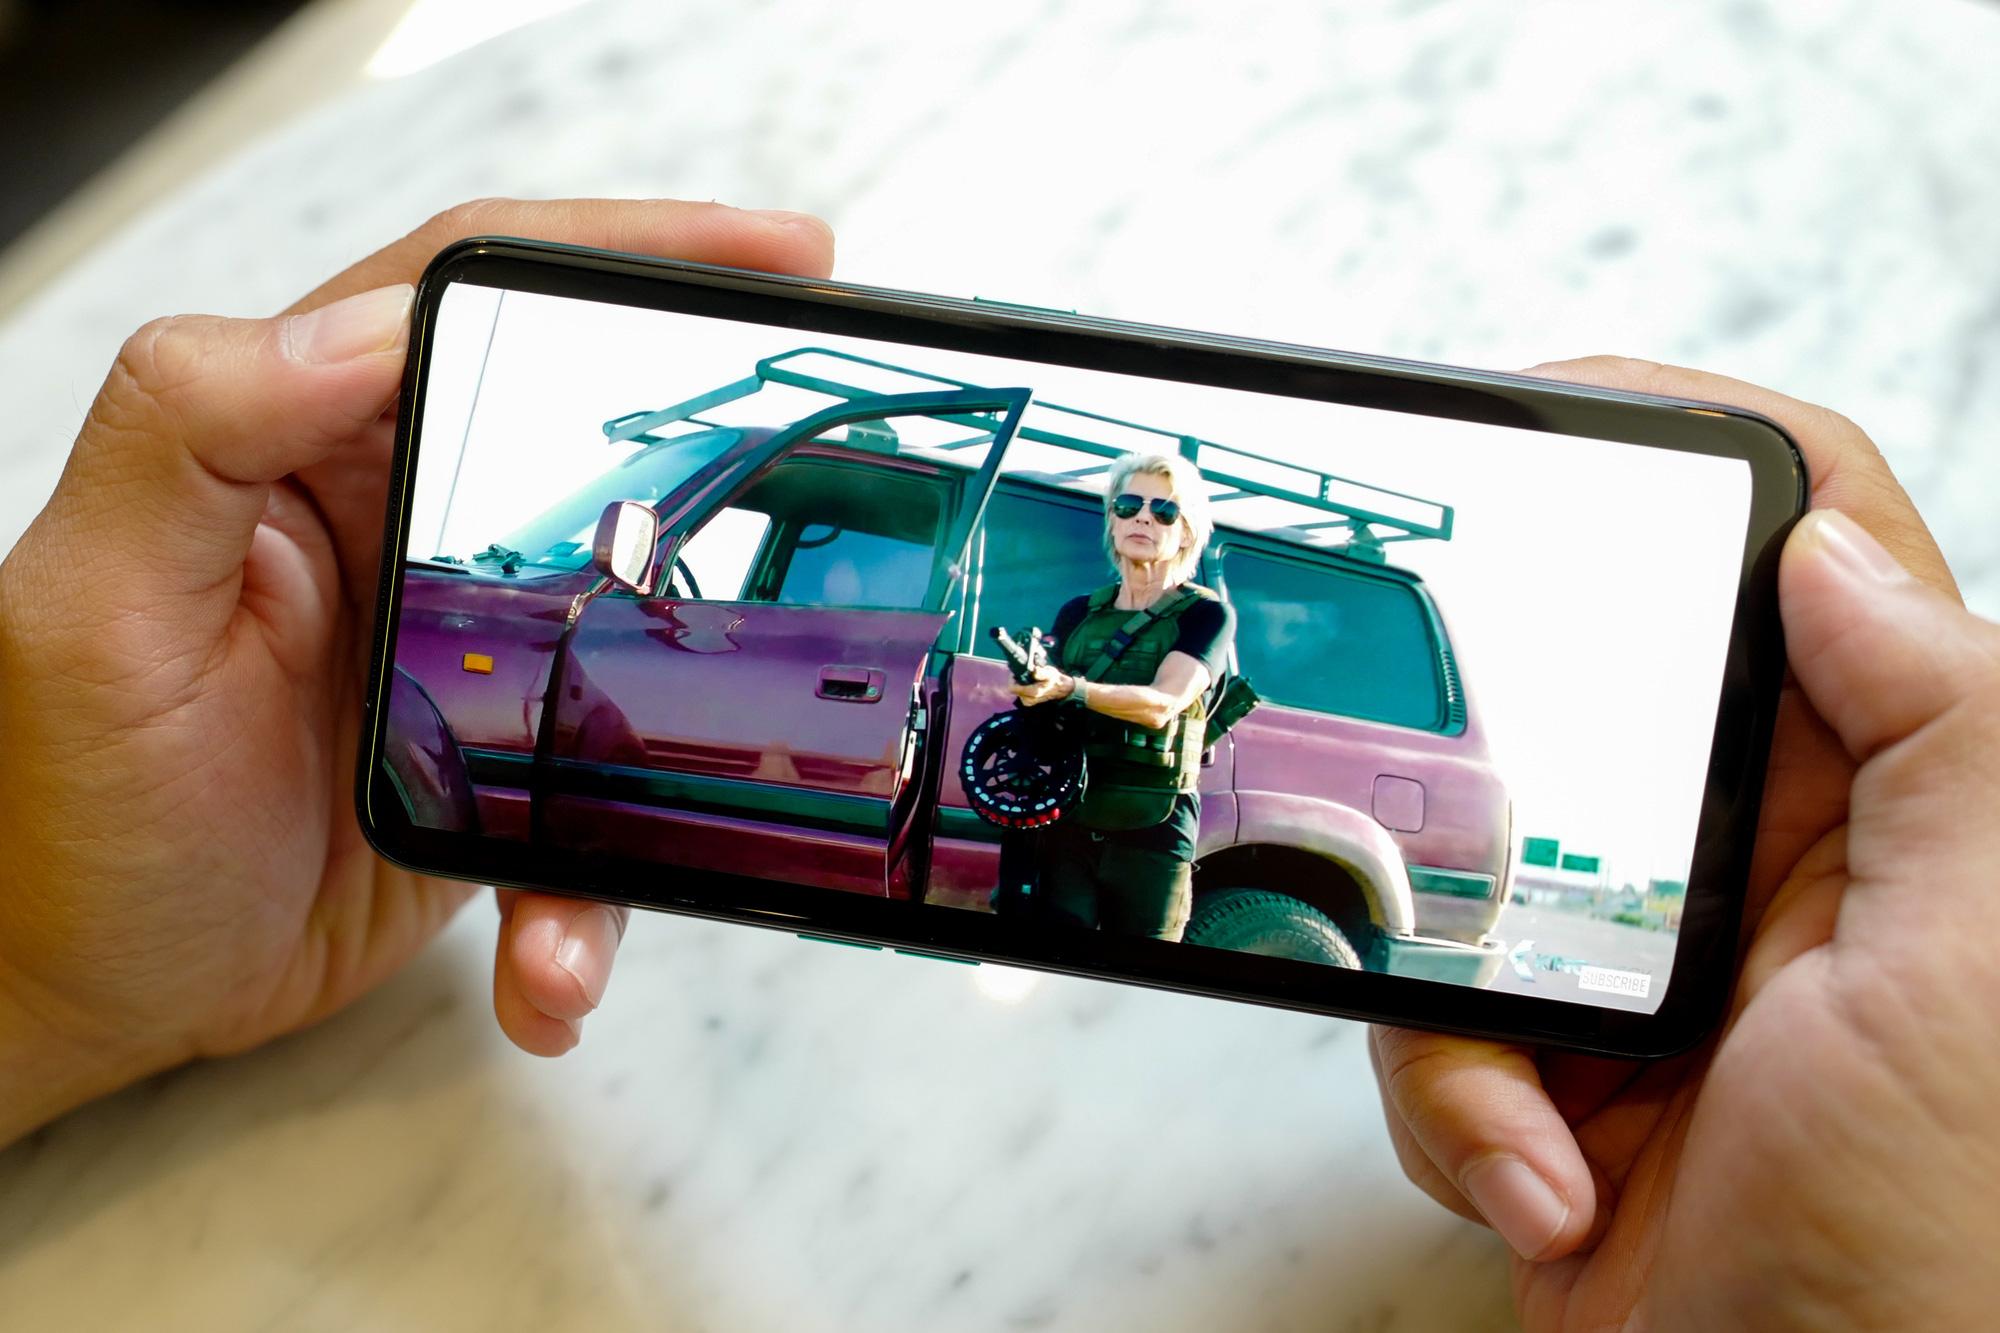 Giá điện thoại 5 camera ngày càng rẻ, từ 7 triệu đồng đã có thể mua được - Ảnh 1.